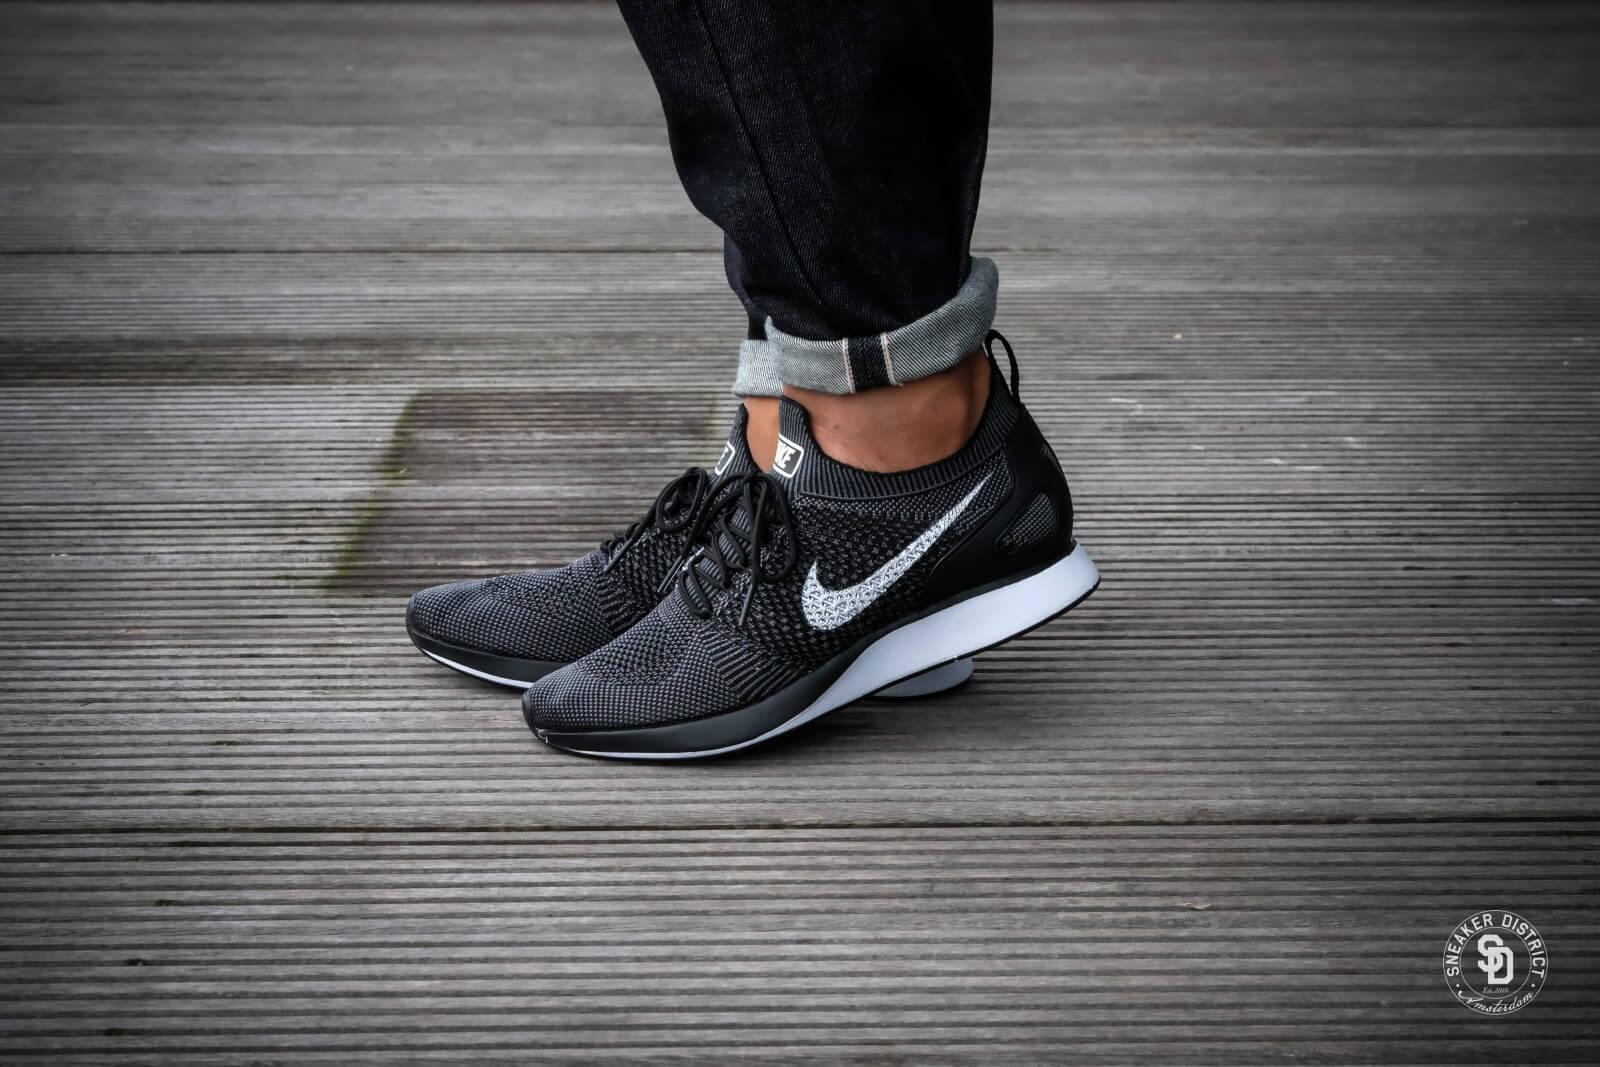 Nike Air Zoom Mariah Flyknit Racer Noir/Blanc Dark Gris 918264 001